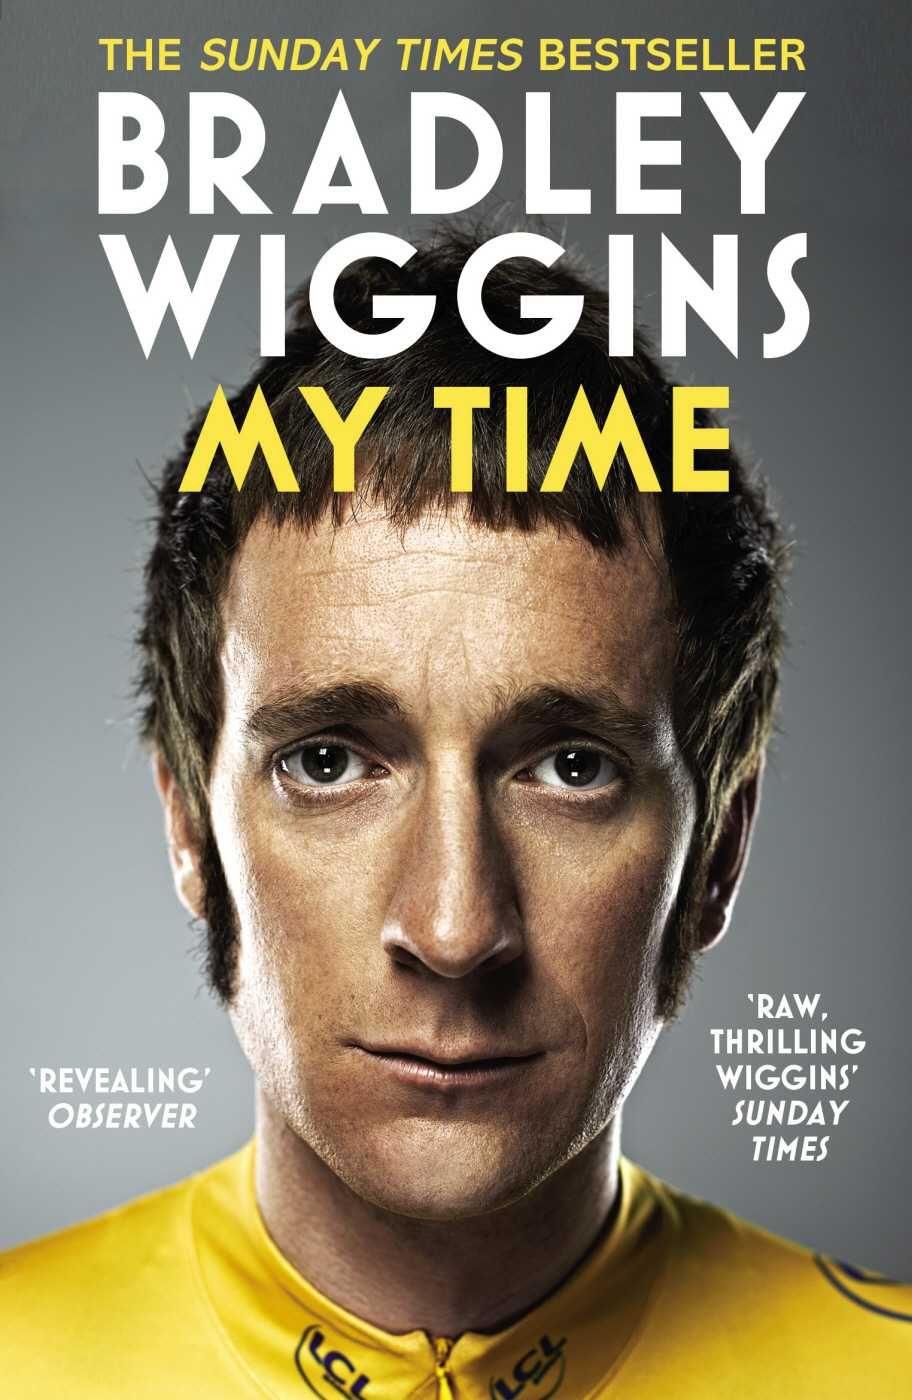 Bradley wiggins my time by bradley wiggins with images